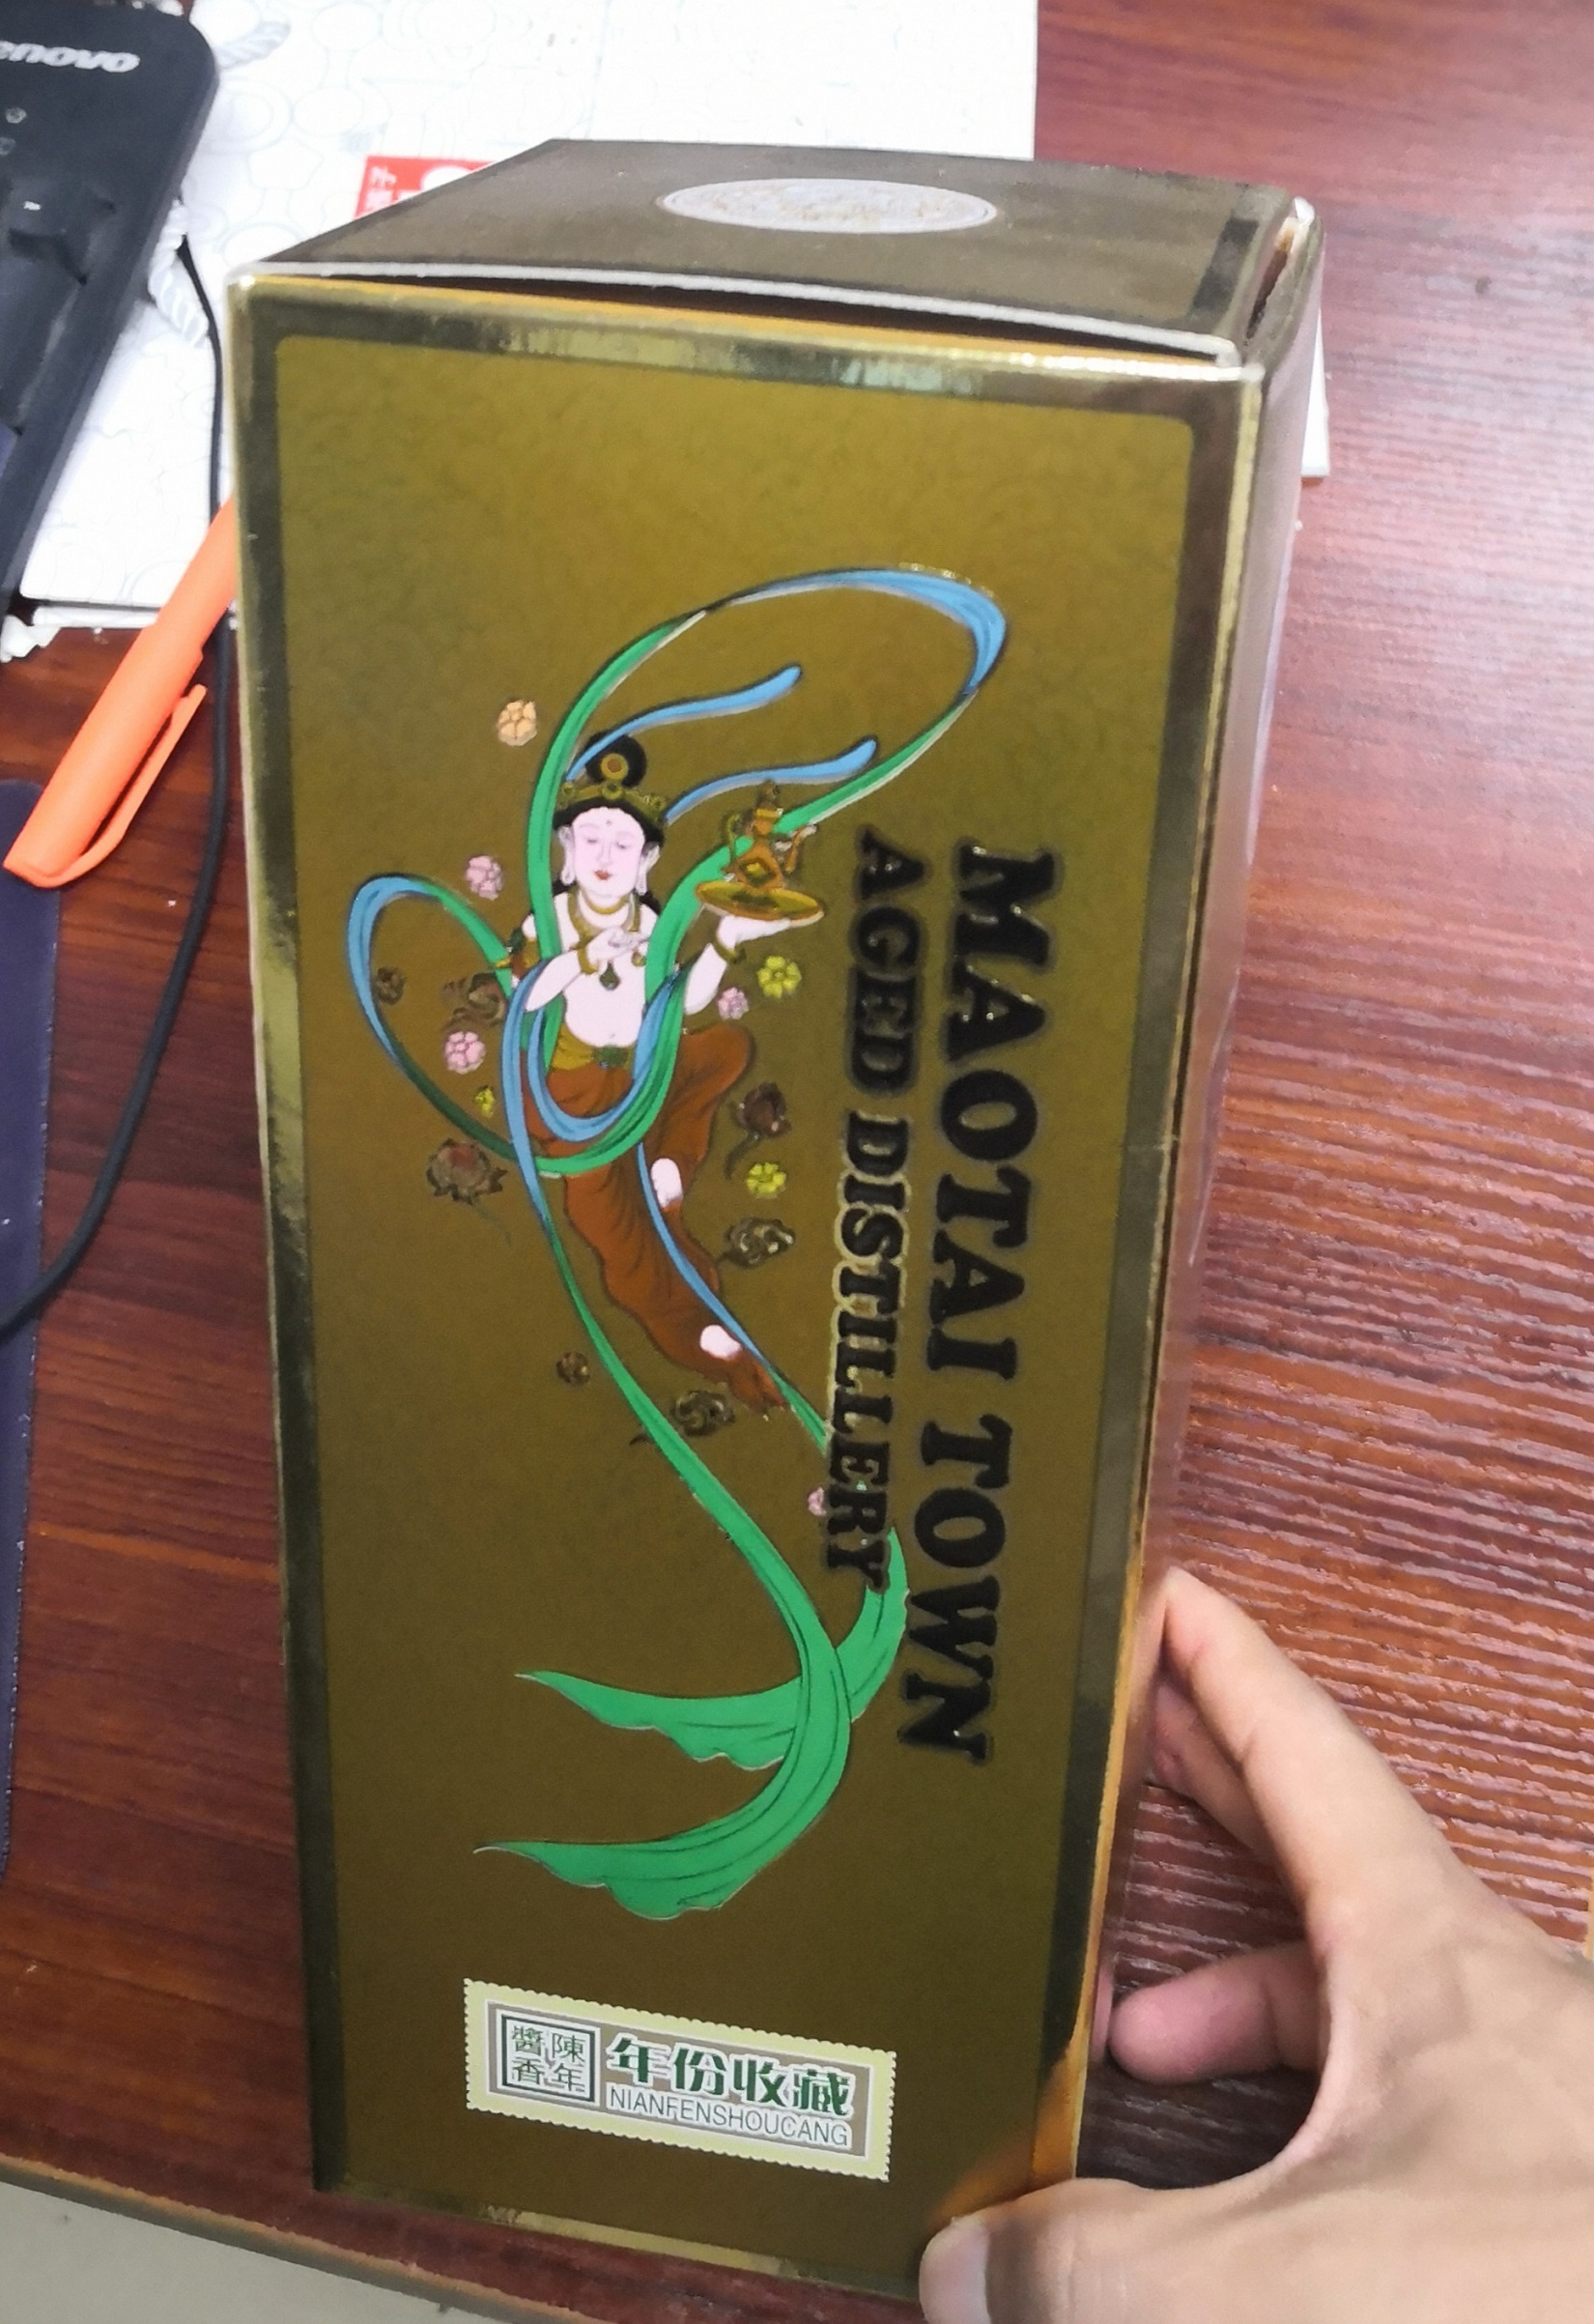 盒套印粉卡盒子纸制品包装生产厂家济南